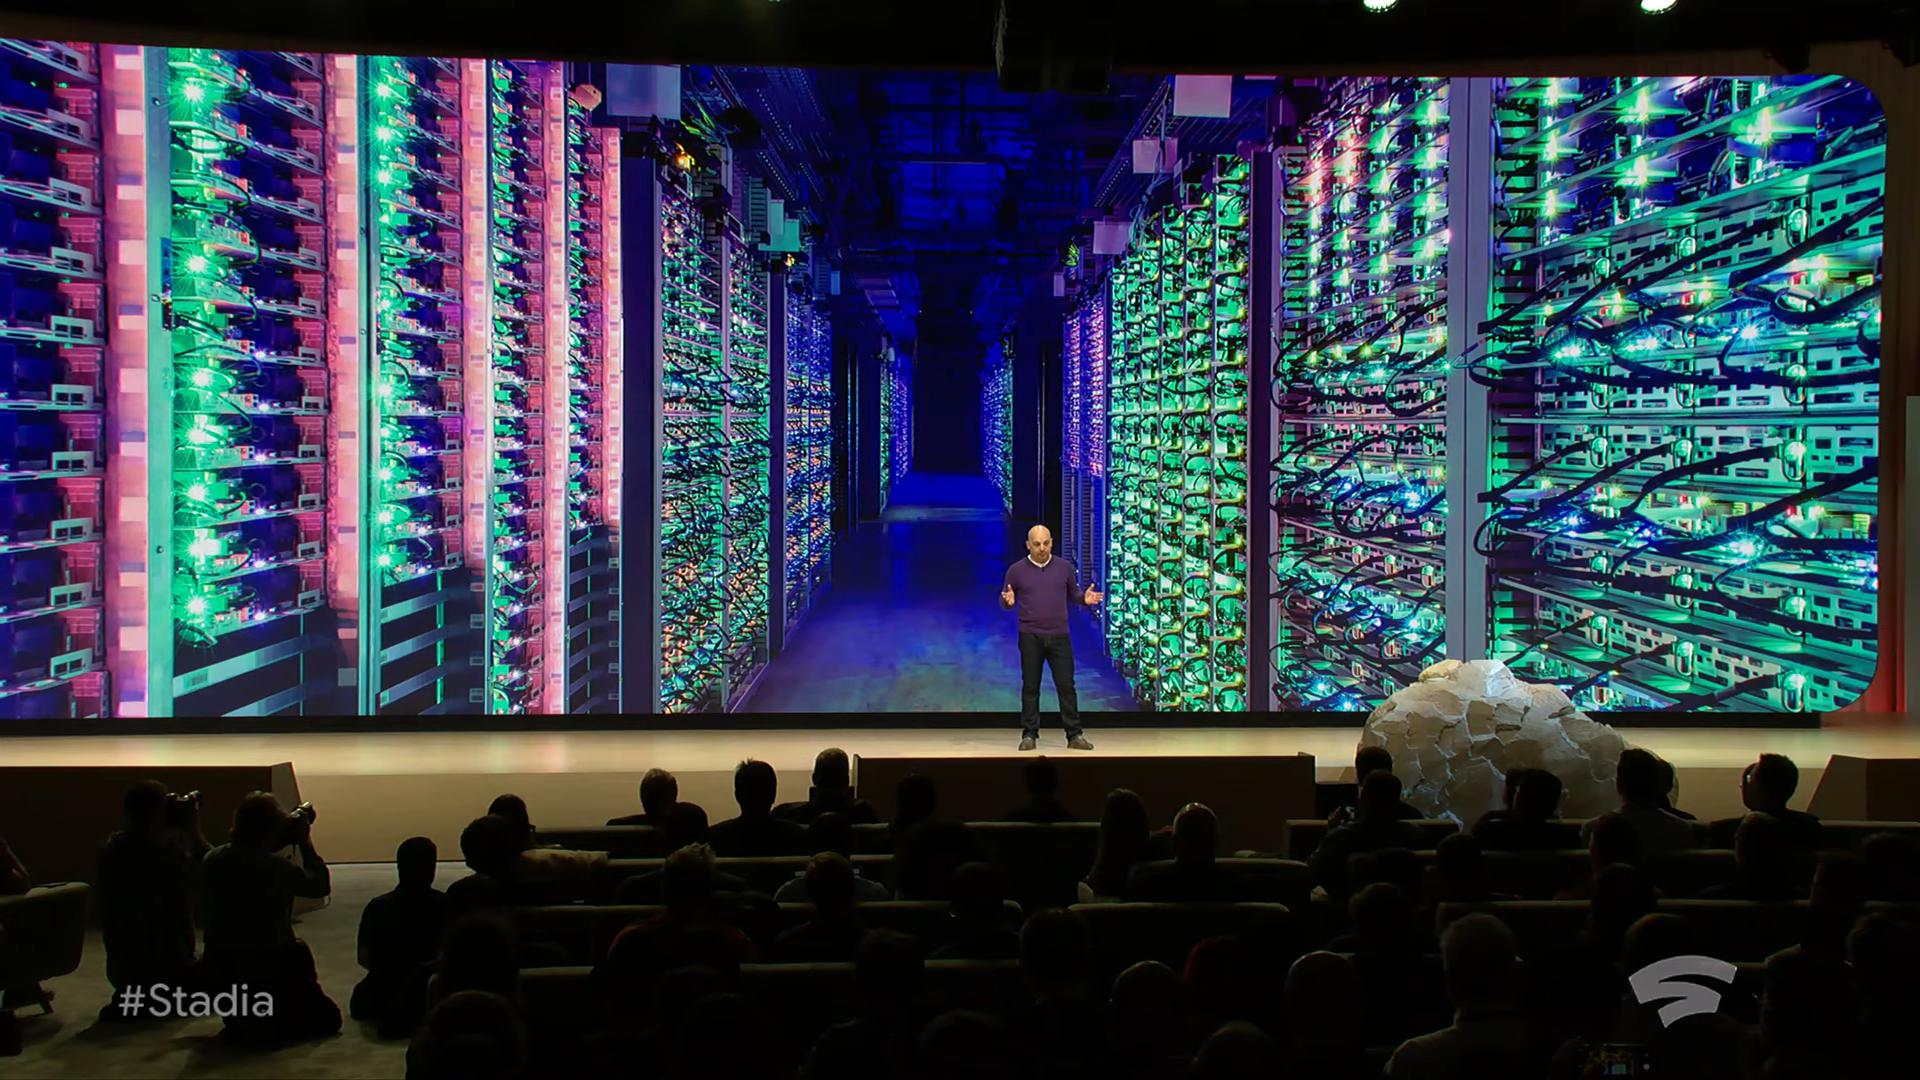 Извините, но все ваши базы принадлежат Google. Презентация Google на Game Development Conference 2019, проект Stadia - 15